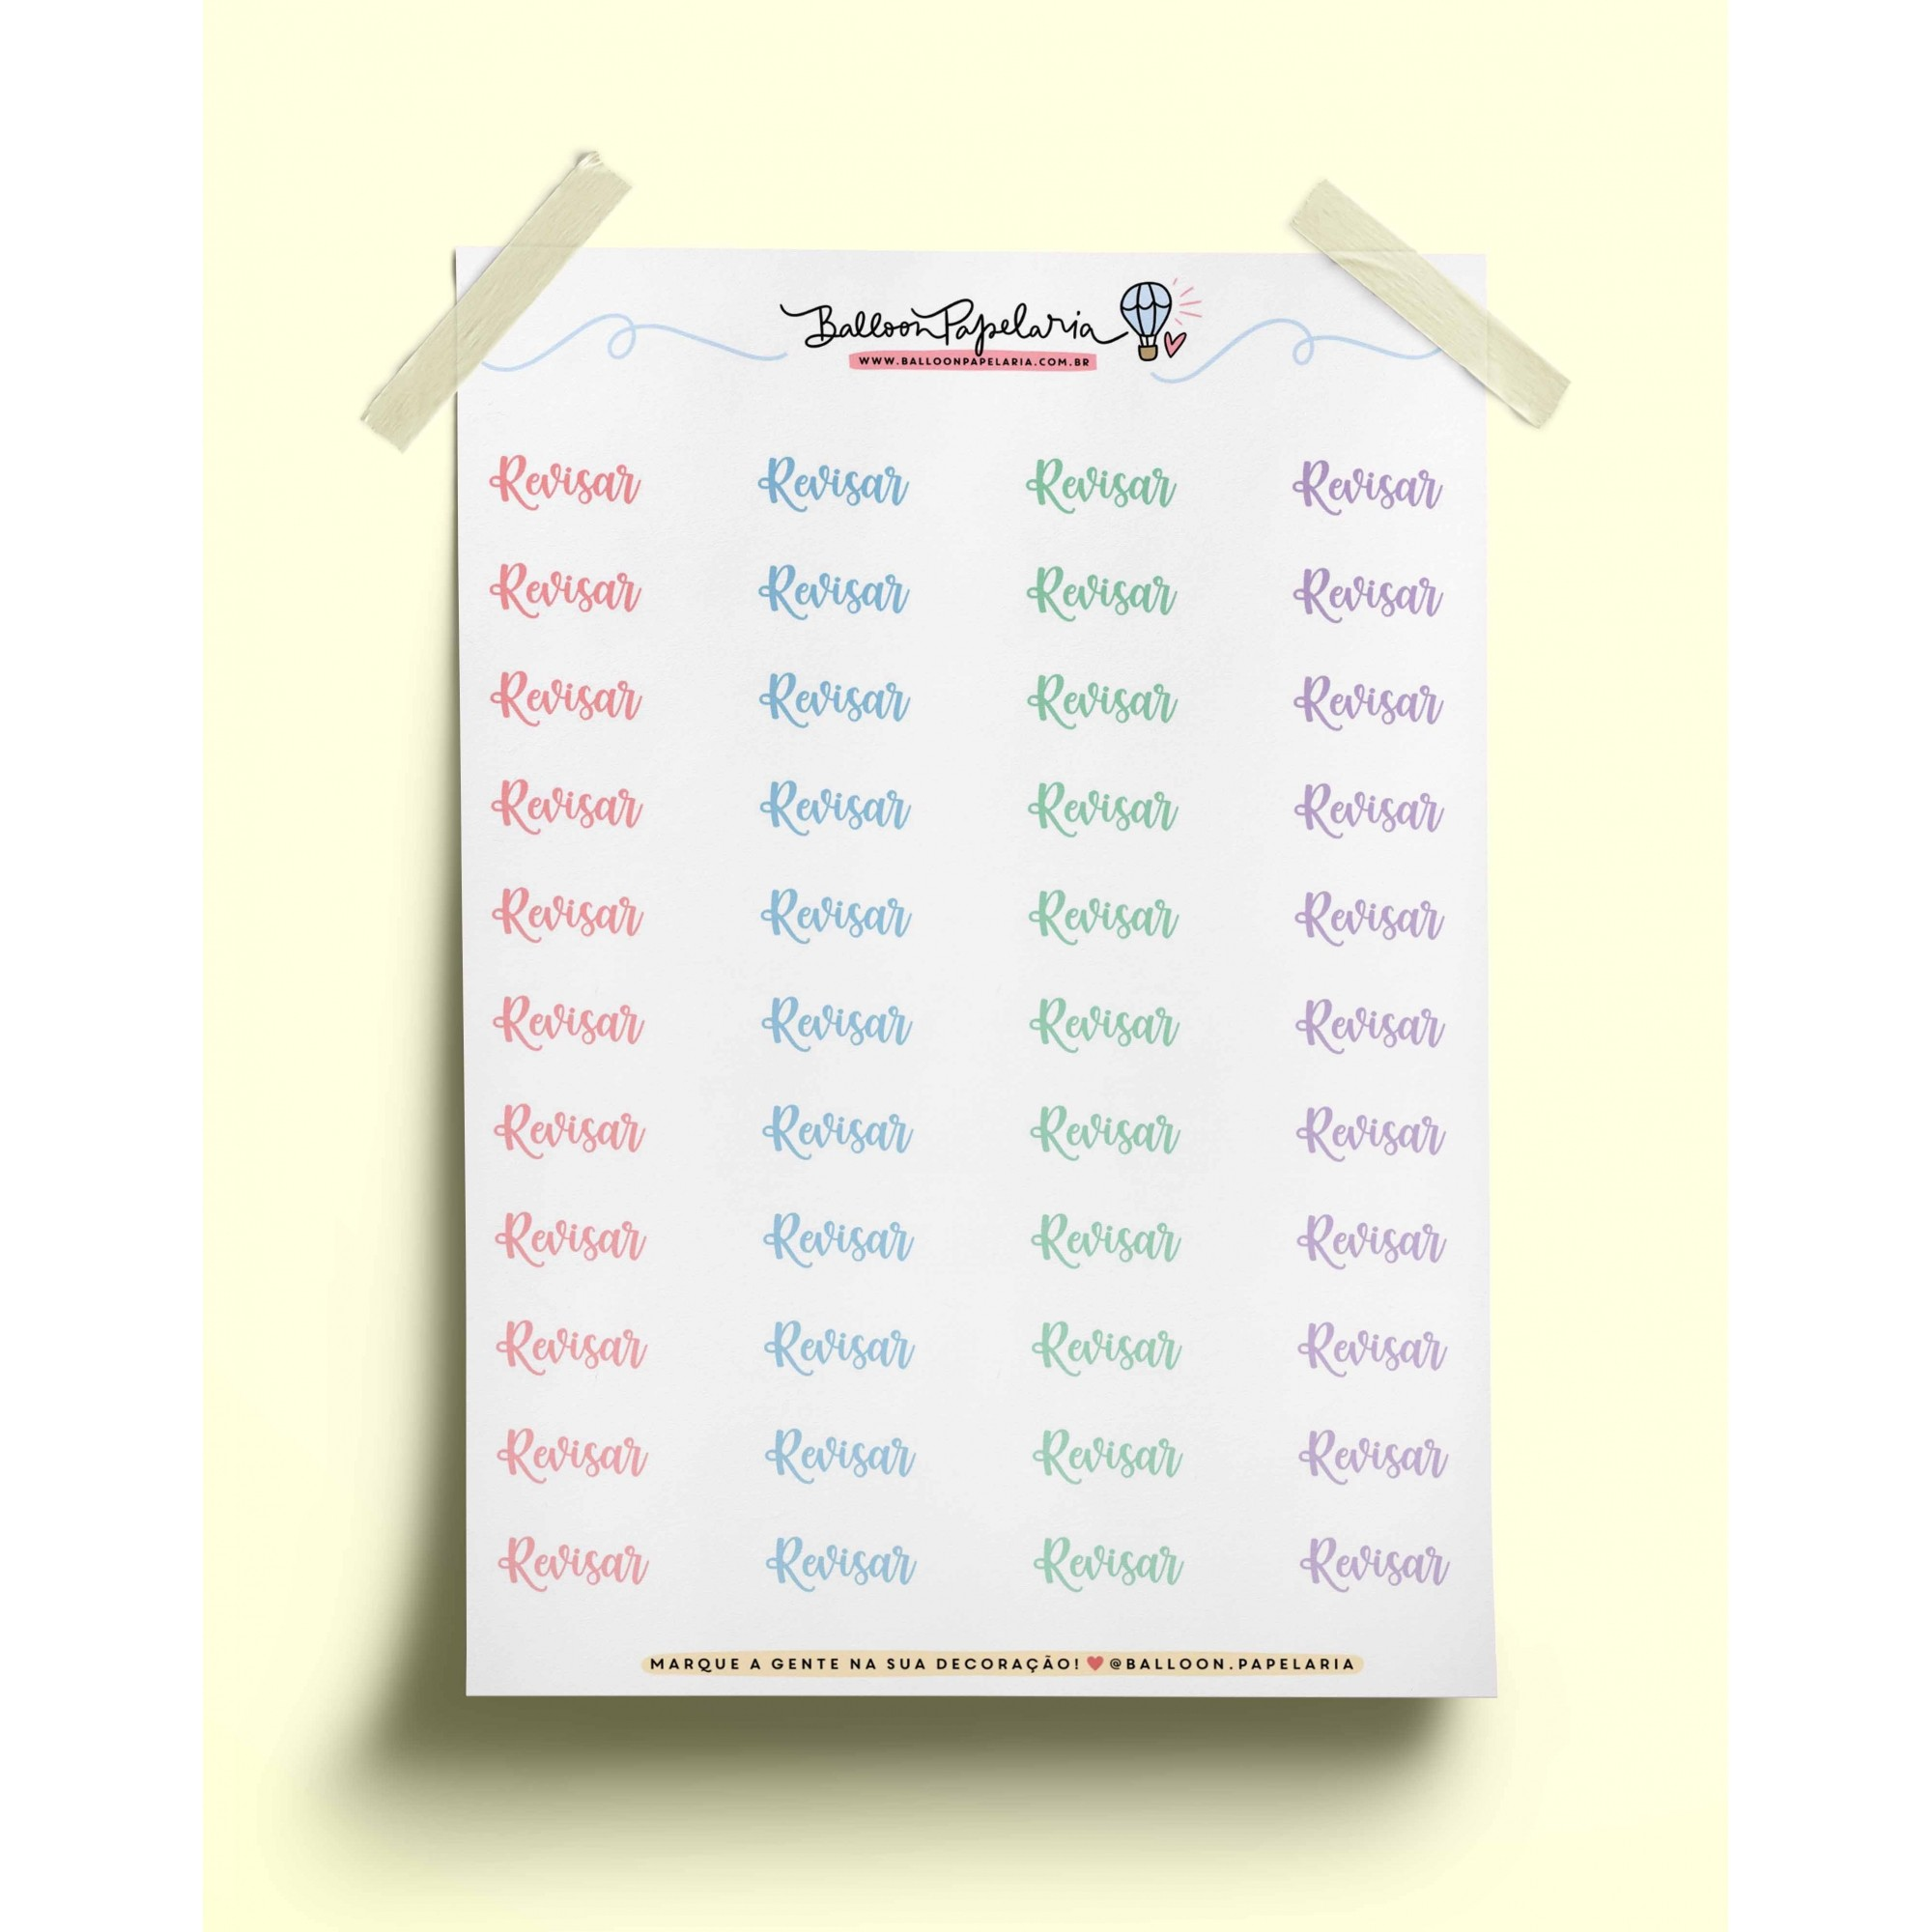 Adesivo palavras tons pastel - revisar